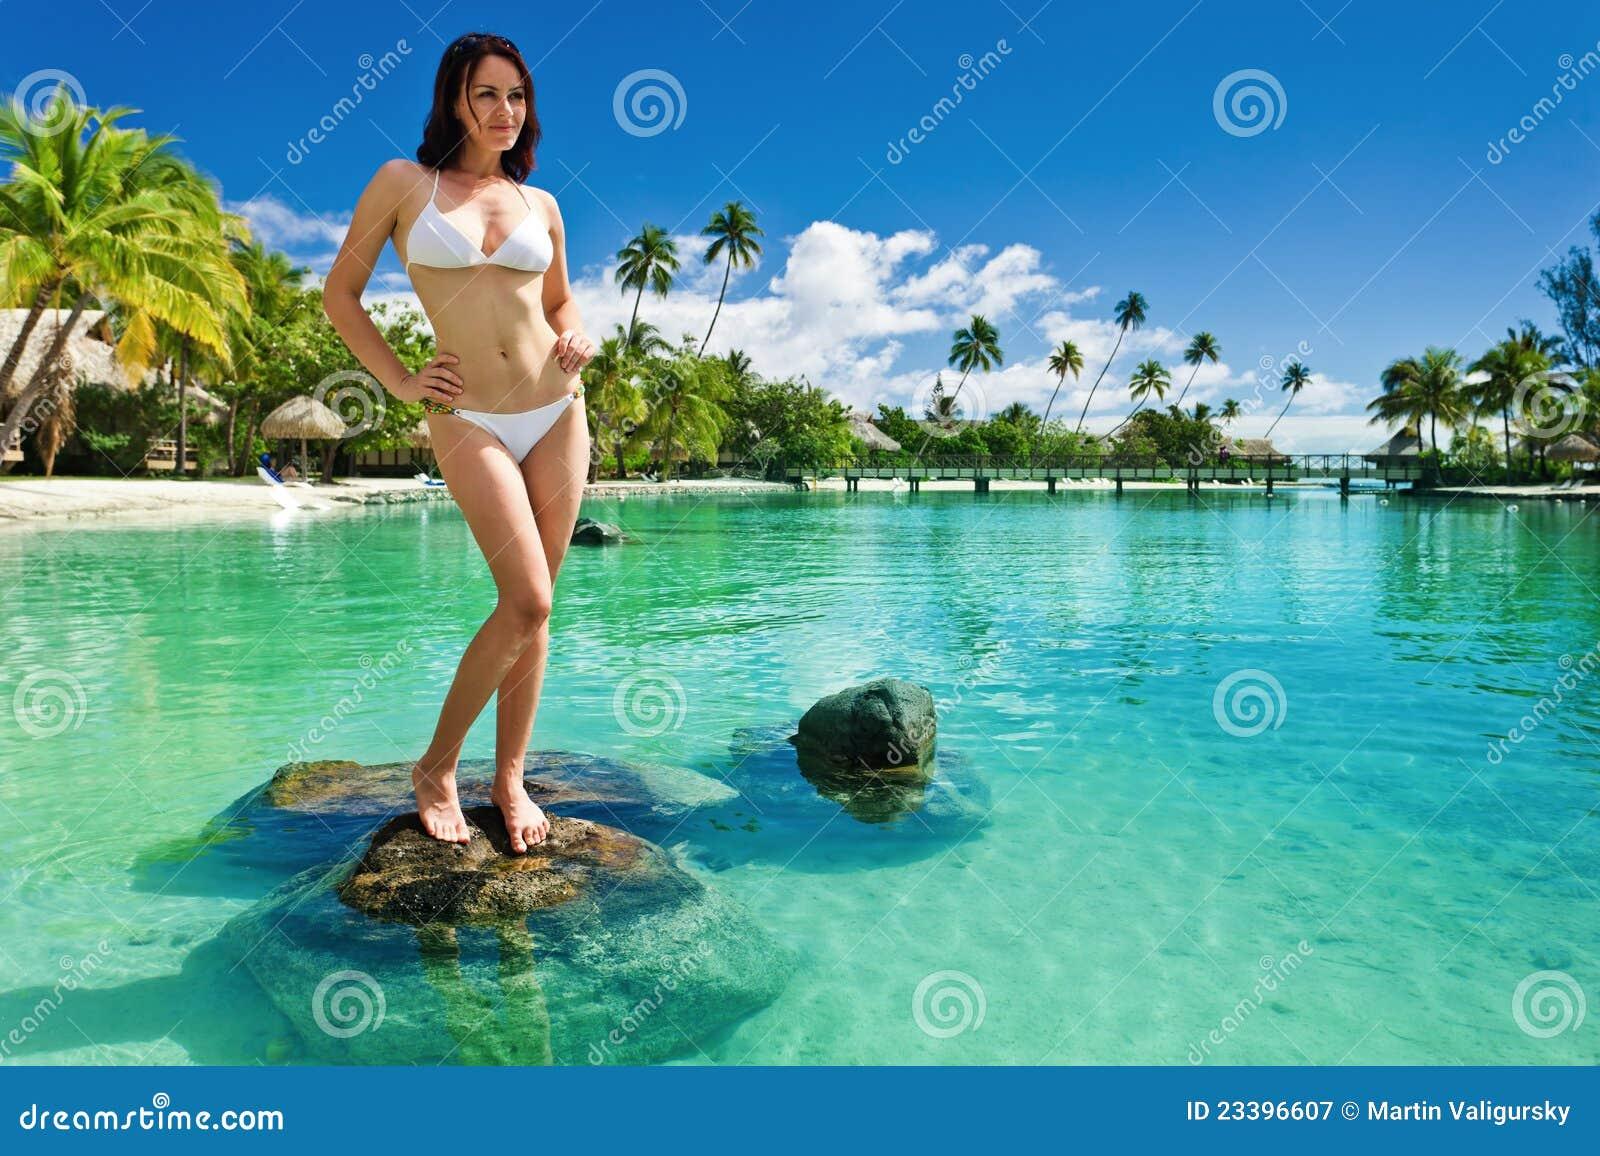 Junge Frau im weißen Bikini, der auf Strand steht